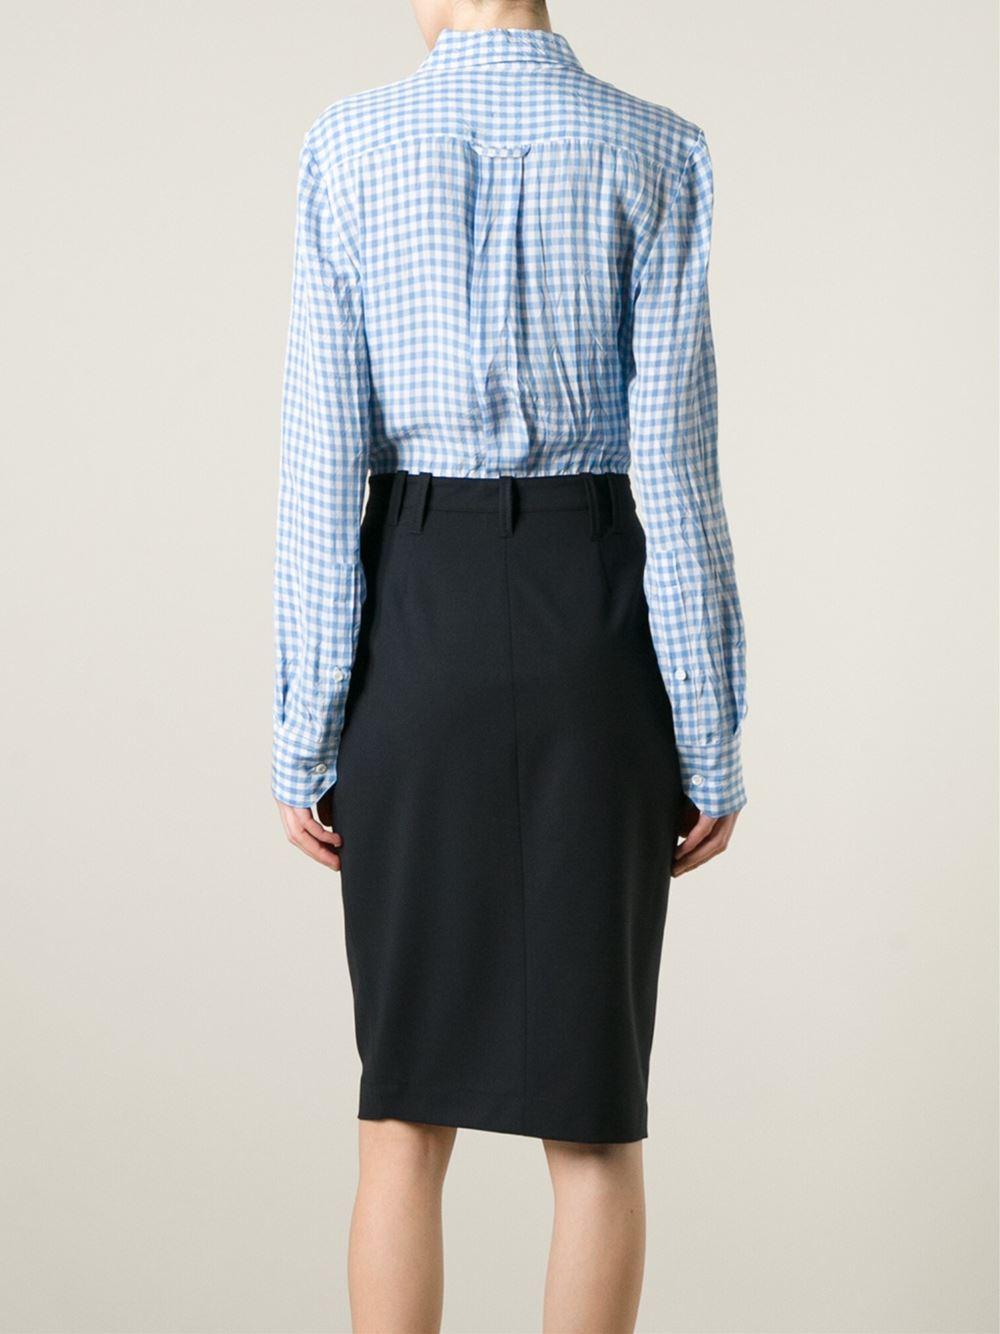 Altuzarra Checked Cotton And Silk Blend Shirt Dress In